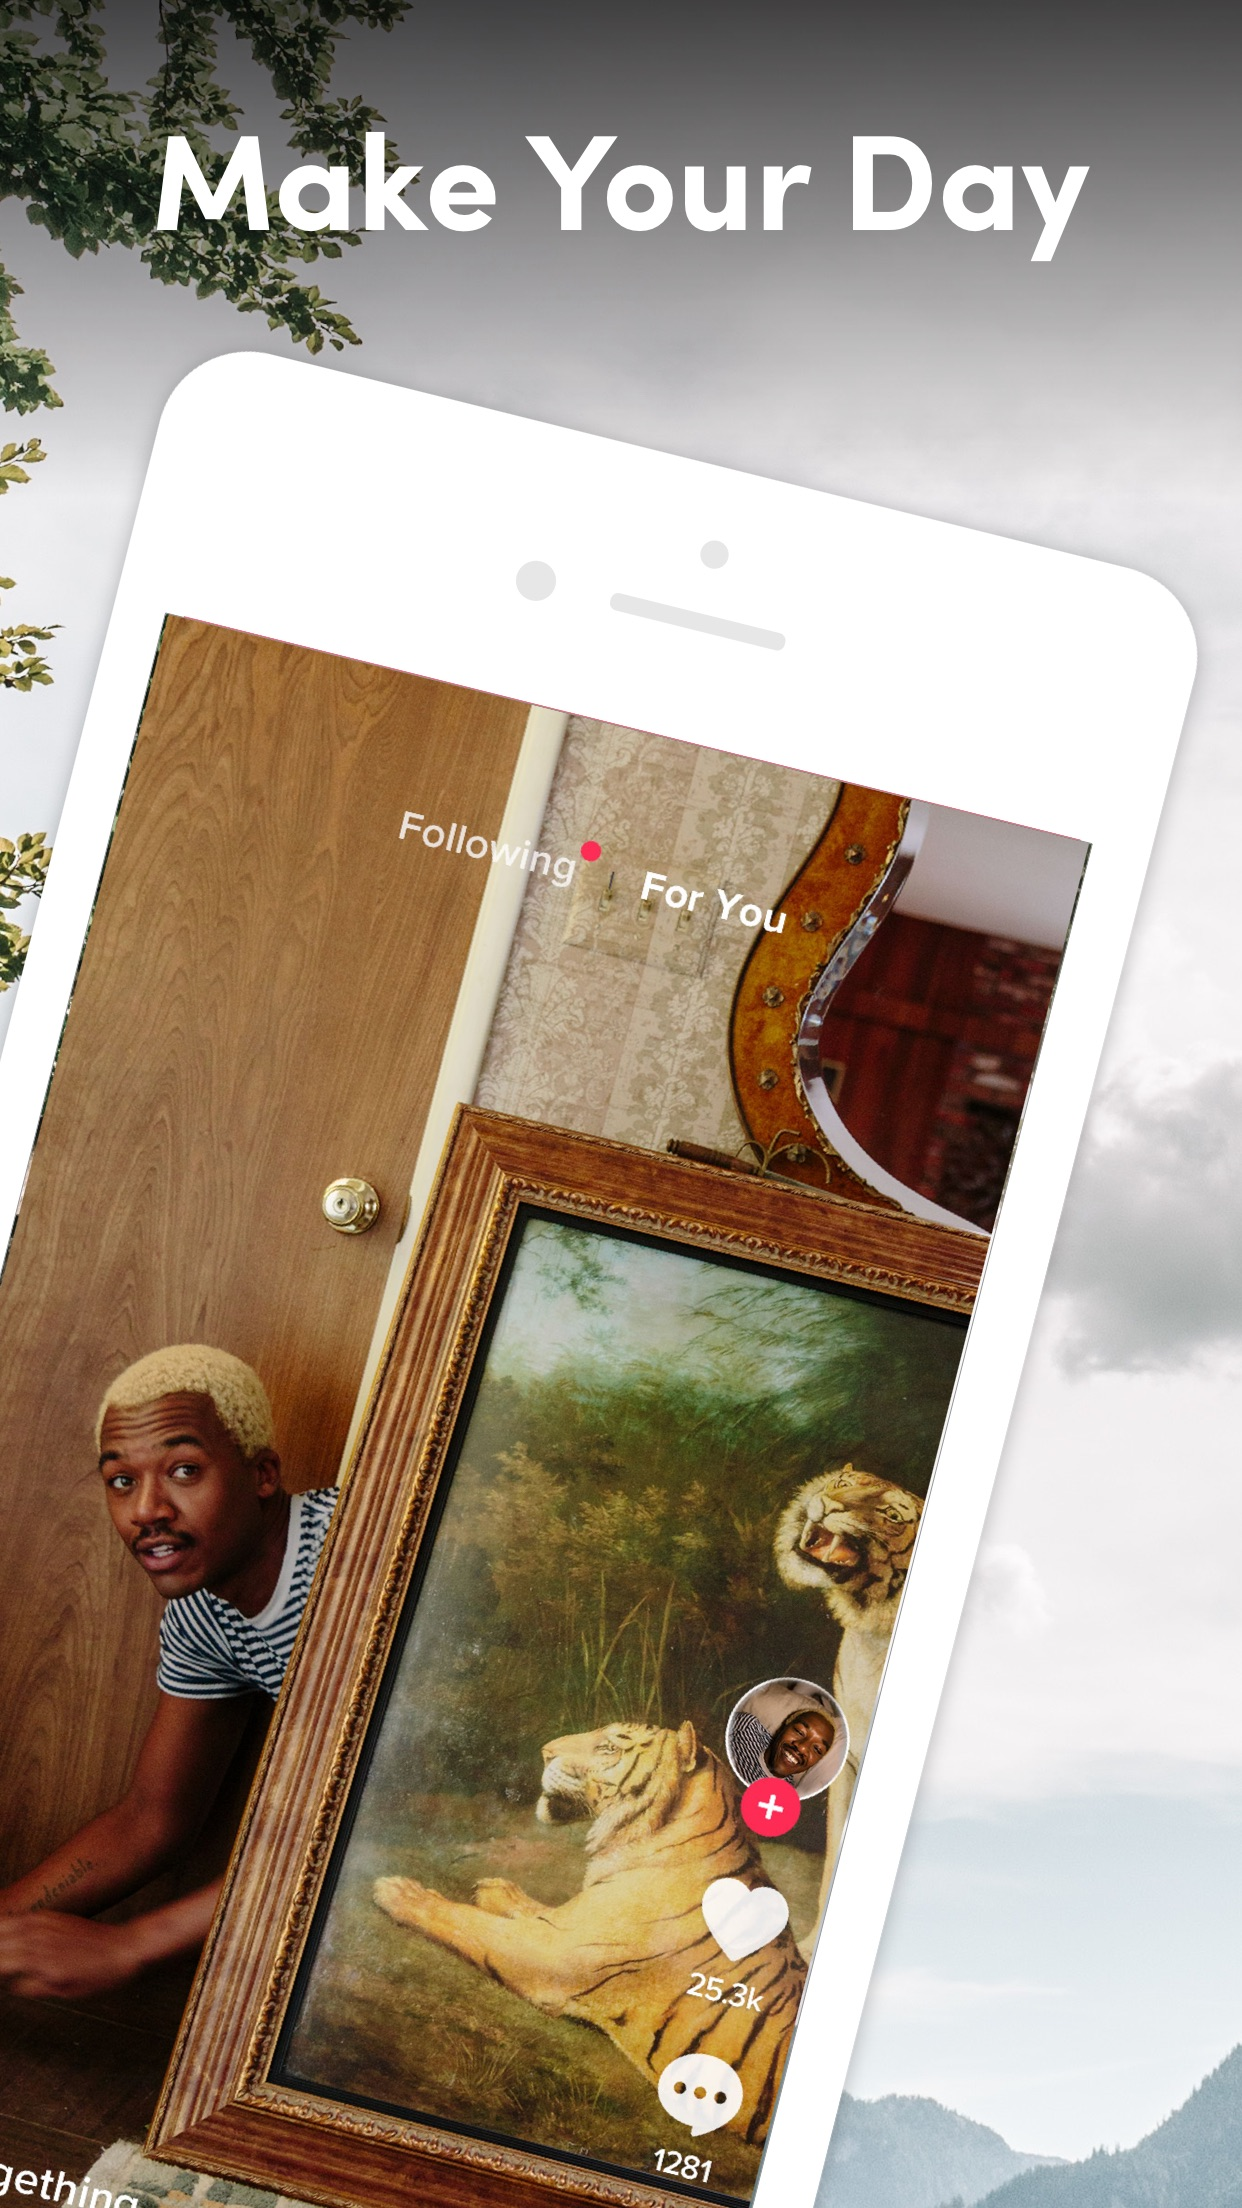 TikTok - Make Your Day Screenshot